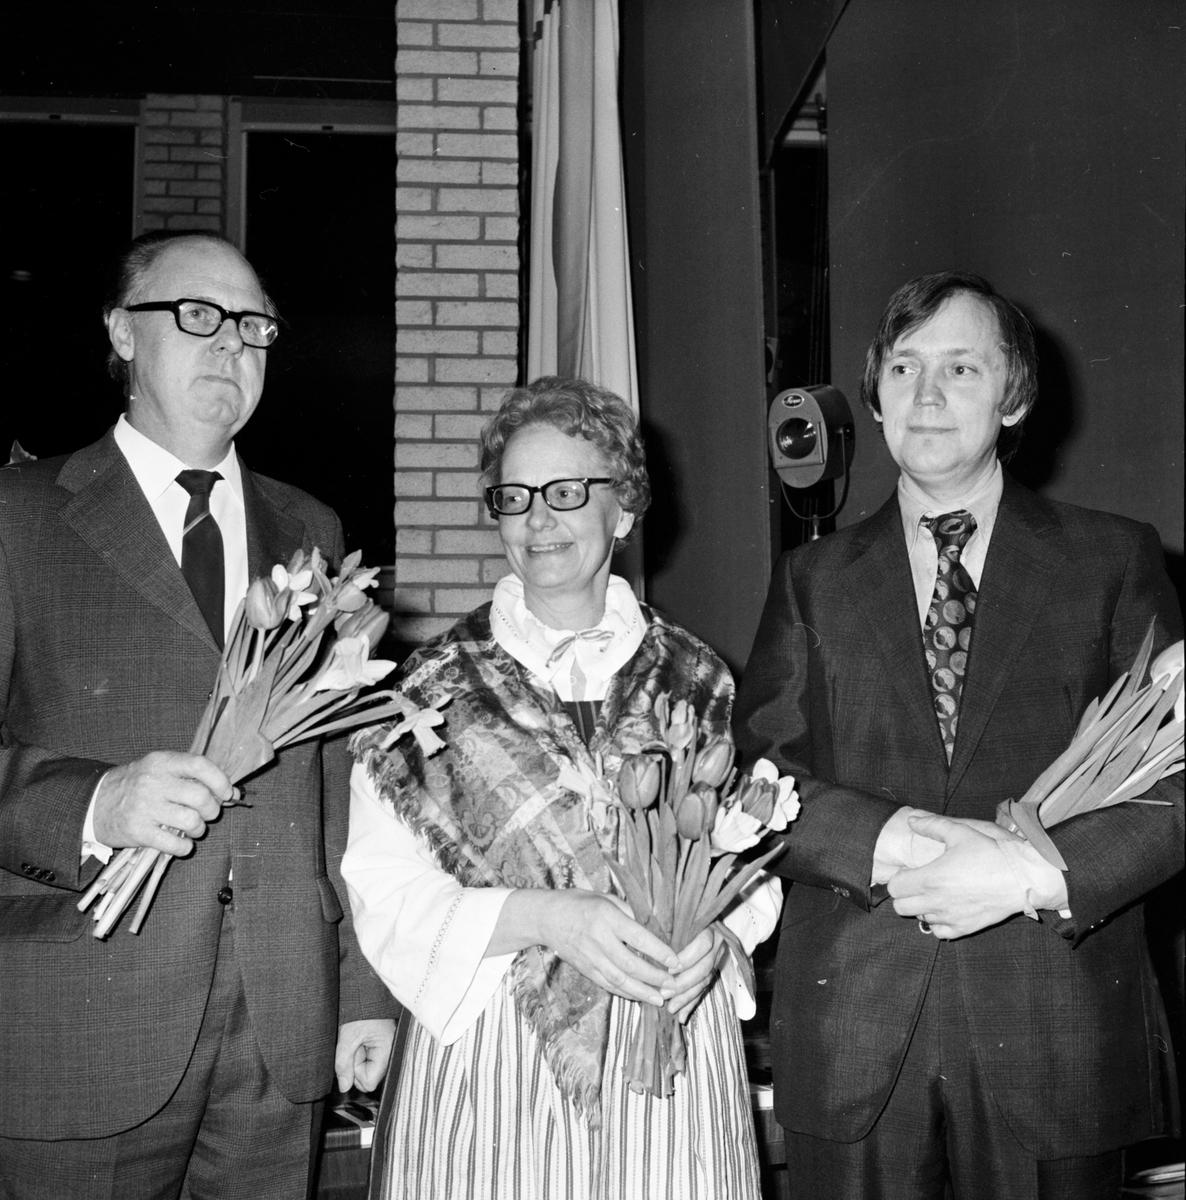 Forum Soare, Astrid Häger, Haglund-Larsson, Mars 1972